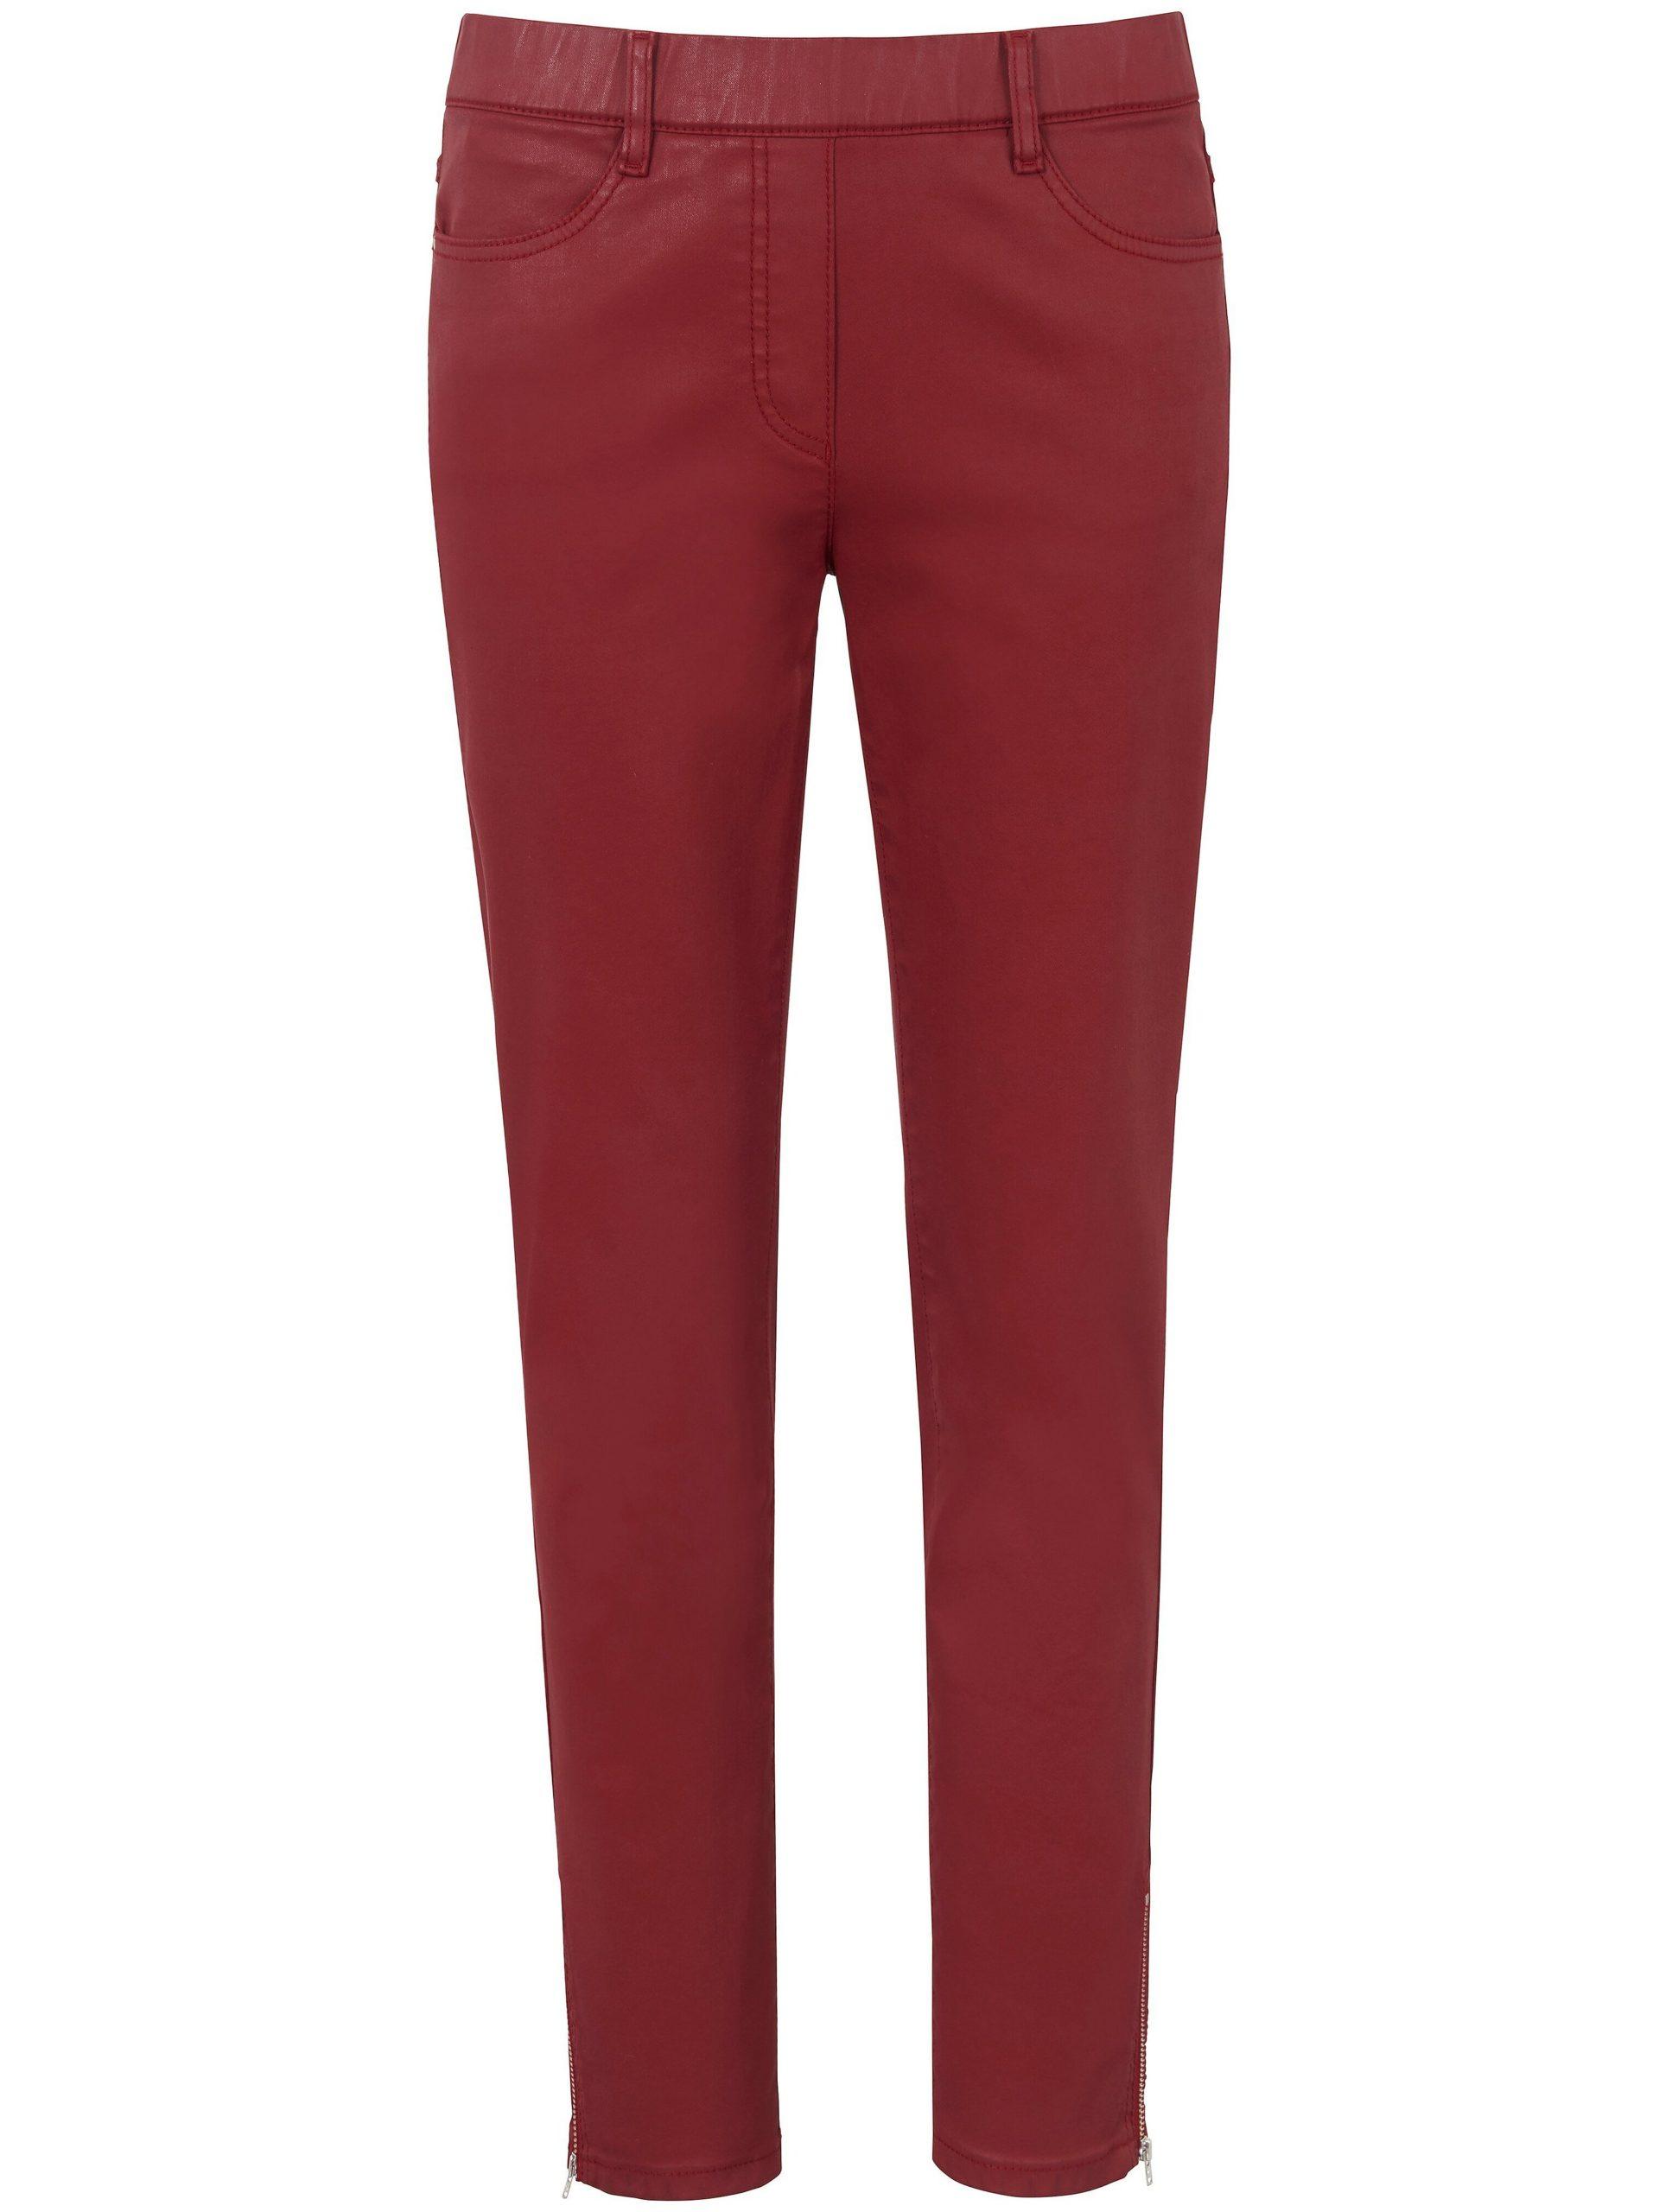 Enkellange broek Van DAY.LIKE rood Kopen